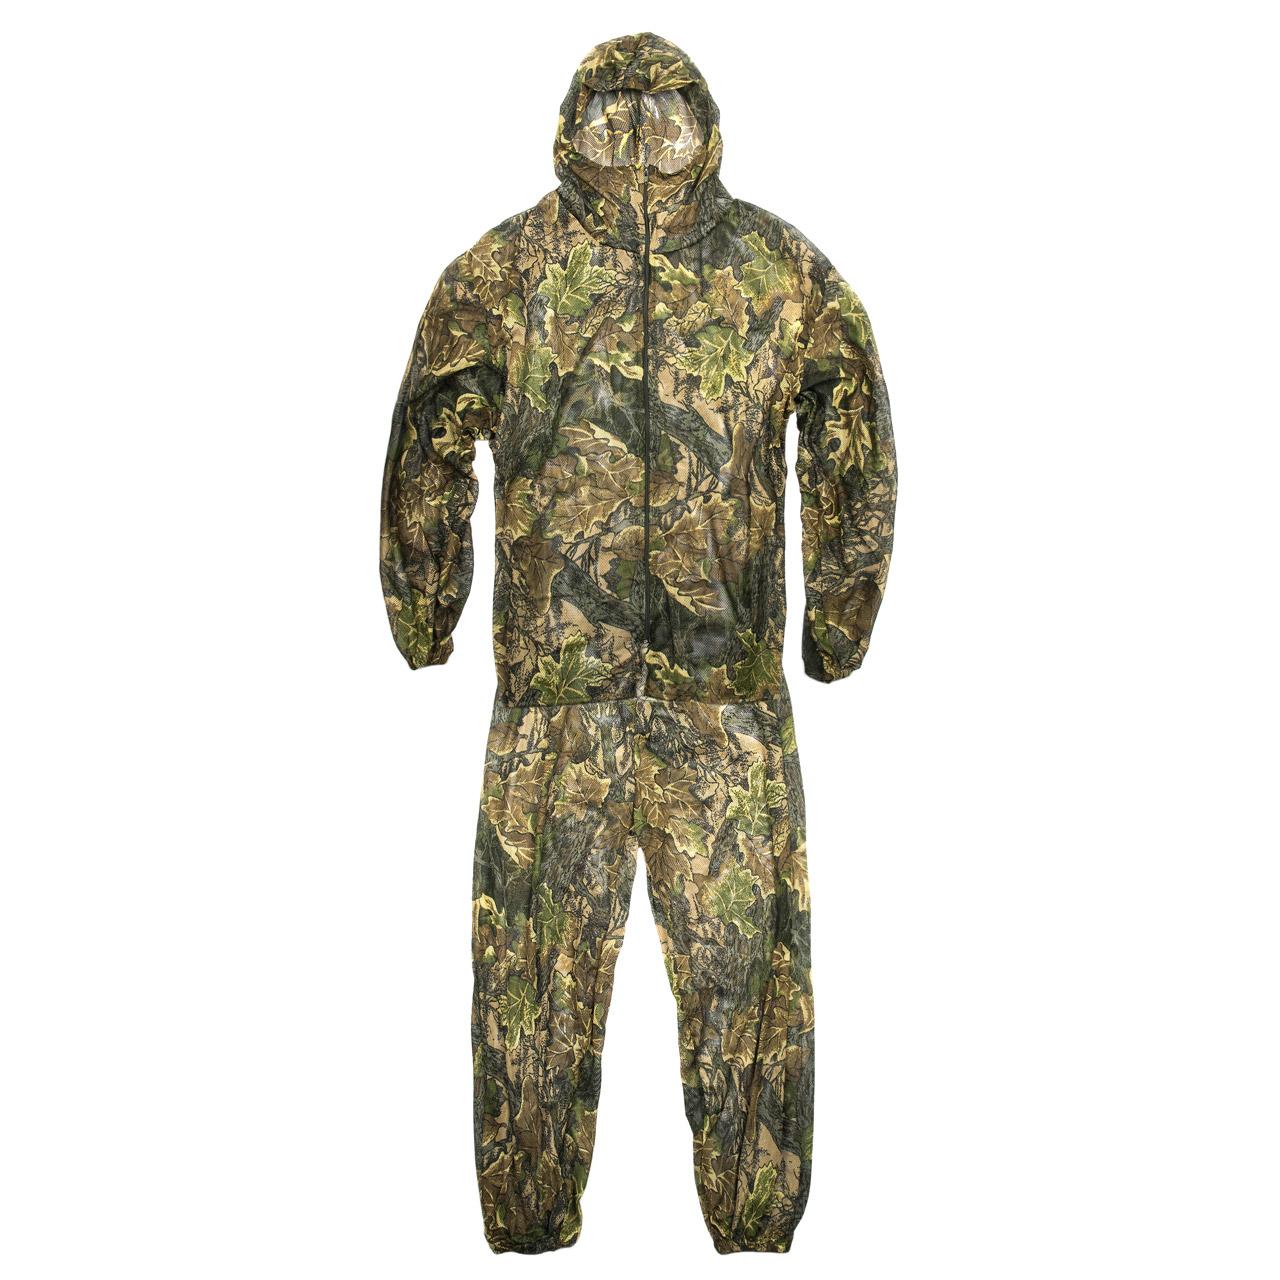 Фото № 3 Маскировочный костюм К-102 - купить по доступным ценам